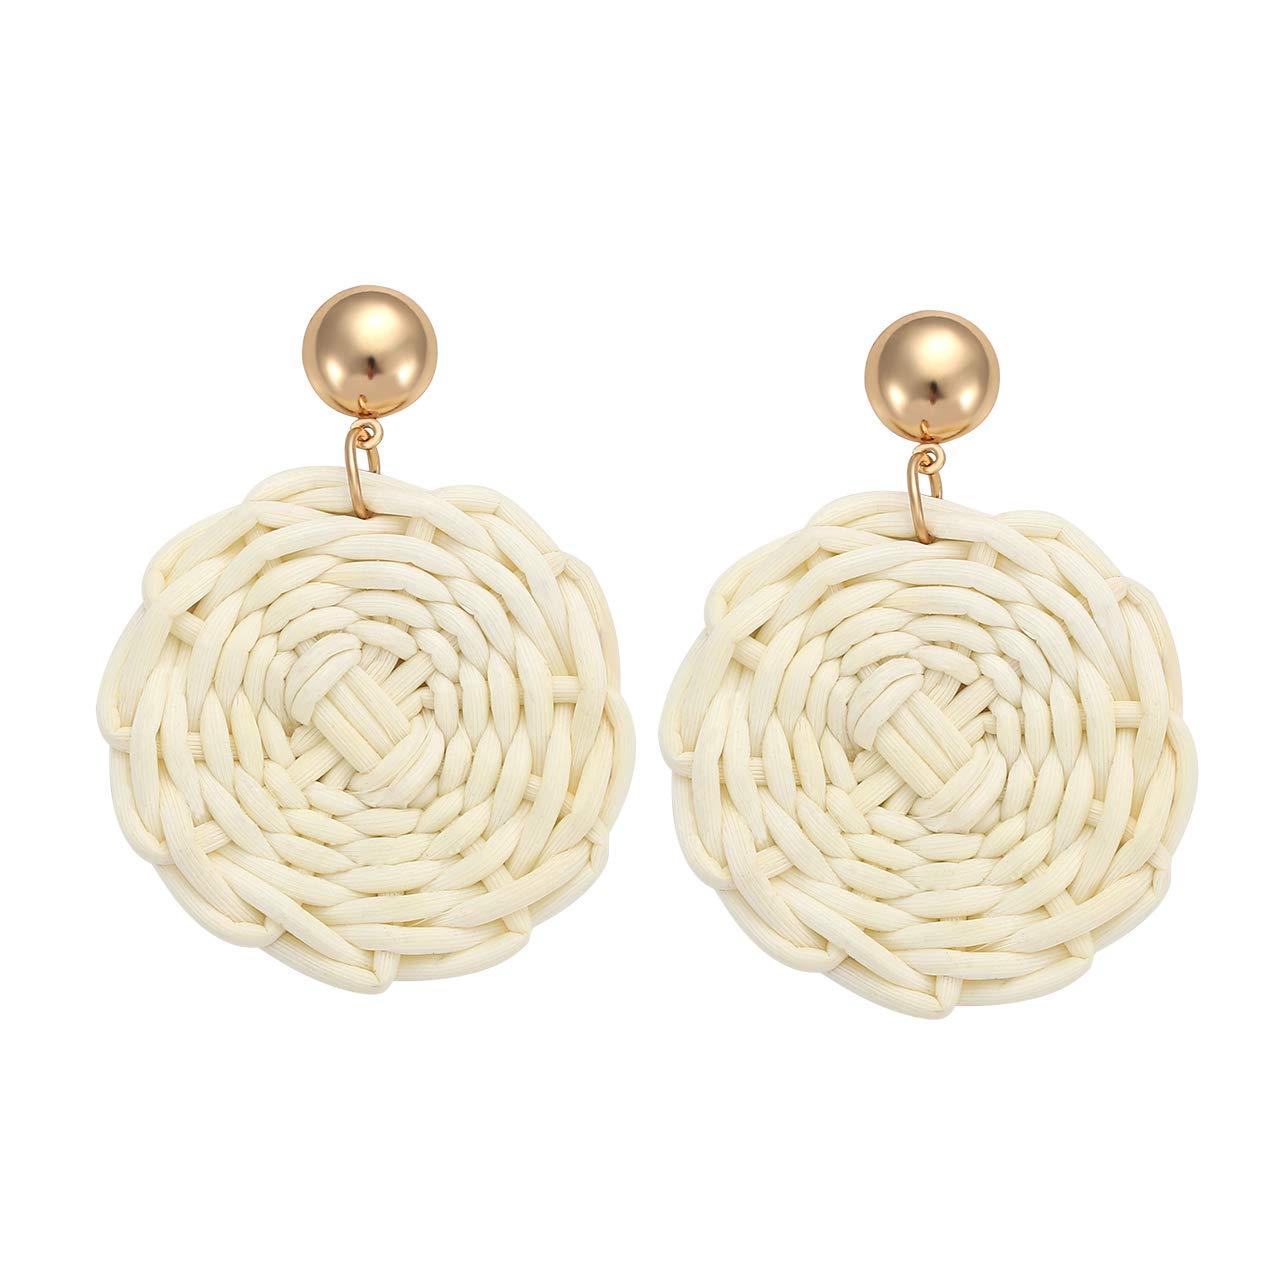 TIKCOOL Rattan Earrings for Women Straw Earrings Statement Geometric Dangle Drop Earrings Handmade Wicker Woven Hoop Earrings